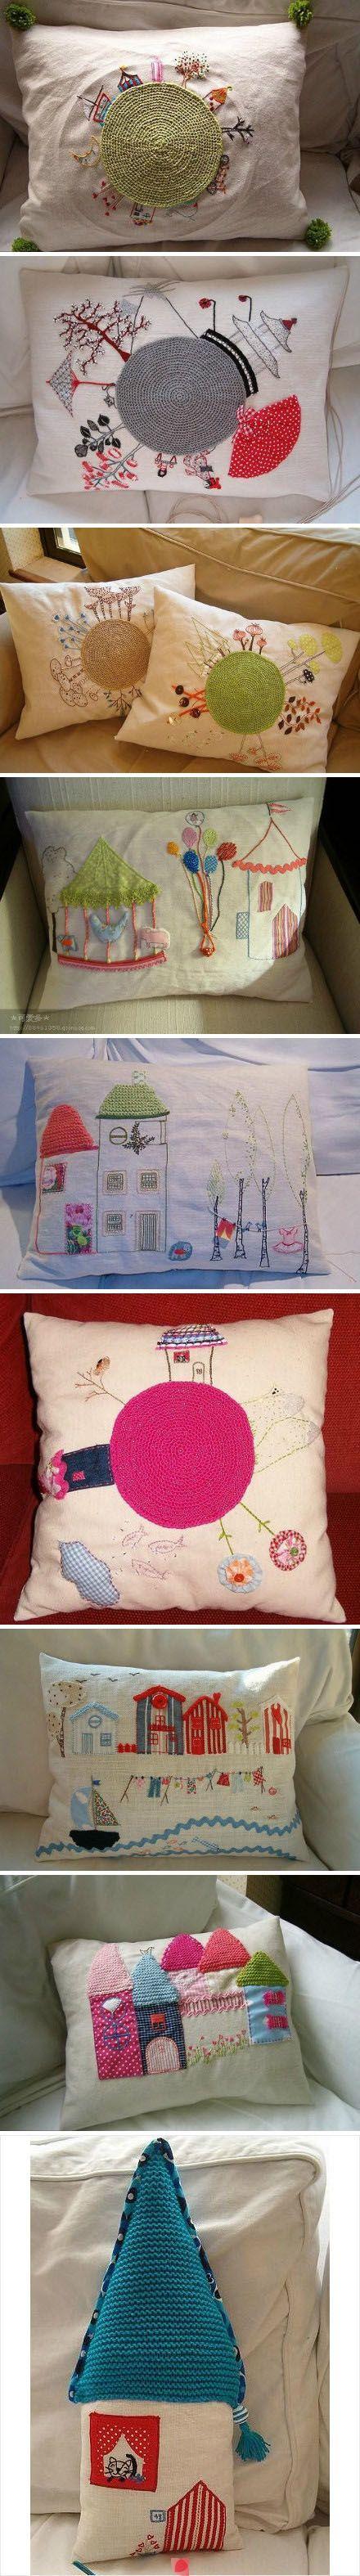 idéias lindas de bordado, crochê e aplicações